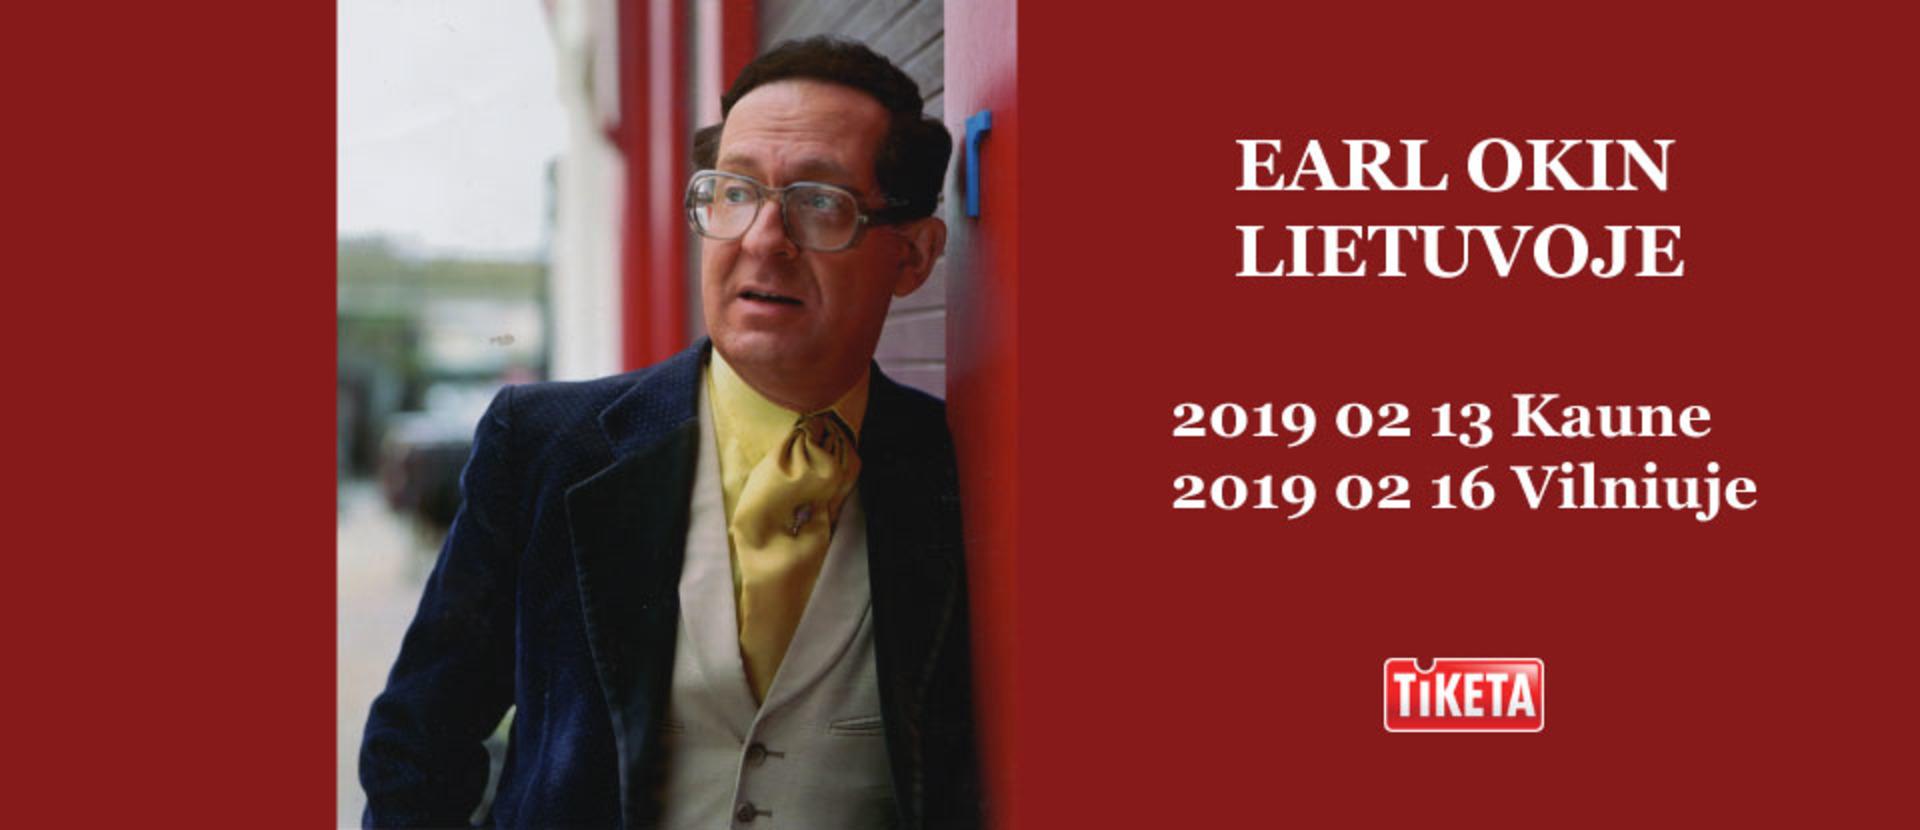 Earl Okin in Lithuania